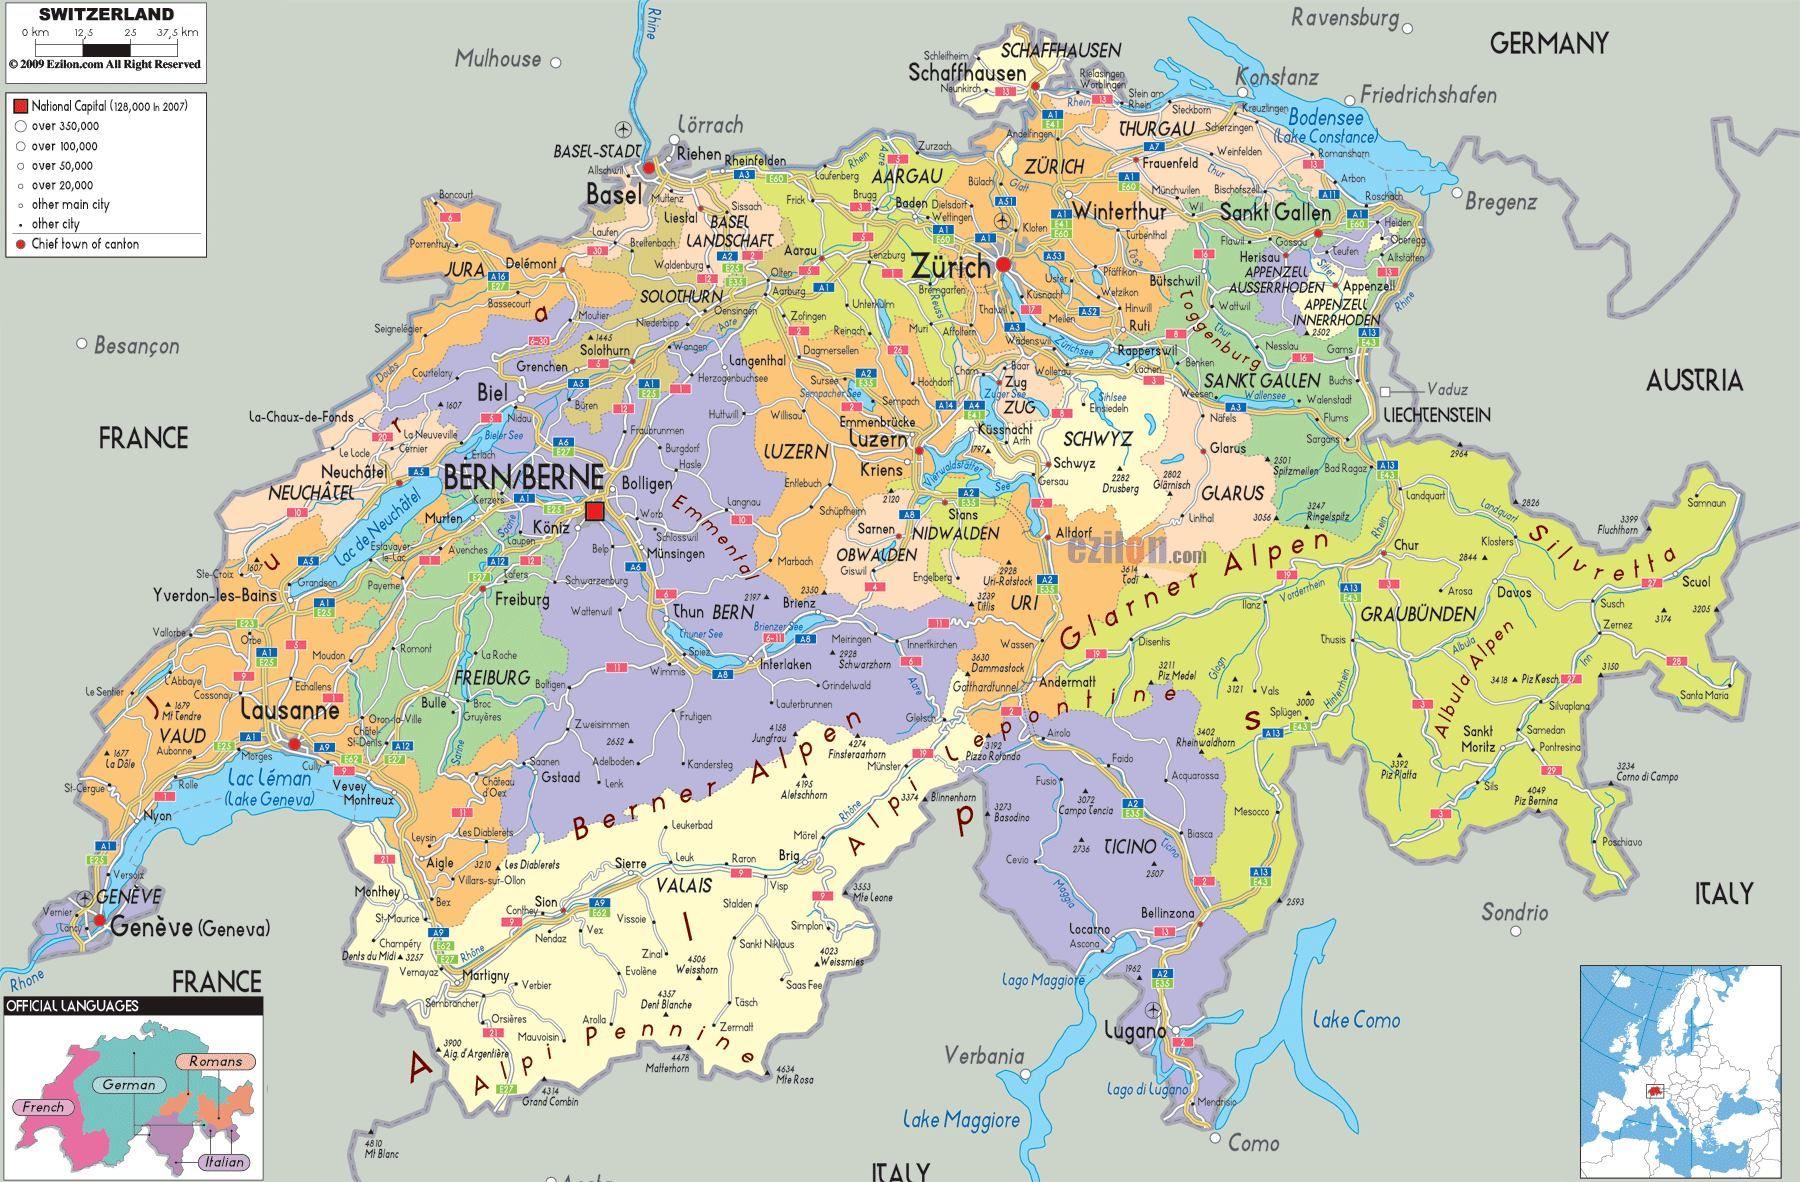 La Cartina Geografica Della Svizzera.Mappa Della Svizzera Cartina Della Svizzera Svizzera Mappa Geografia